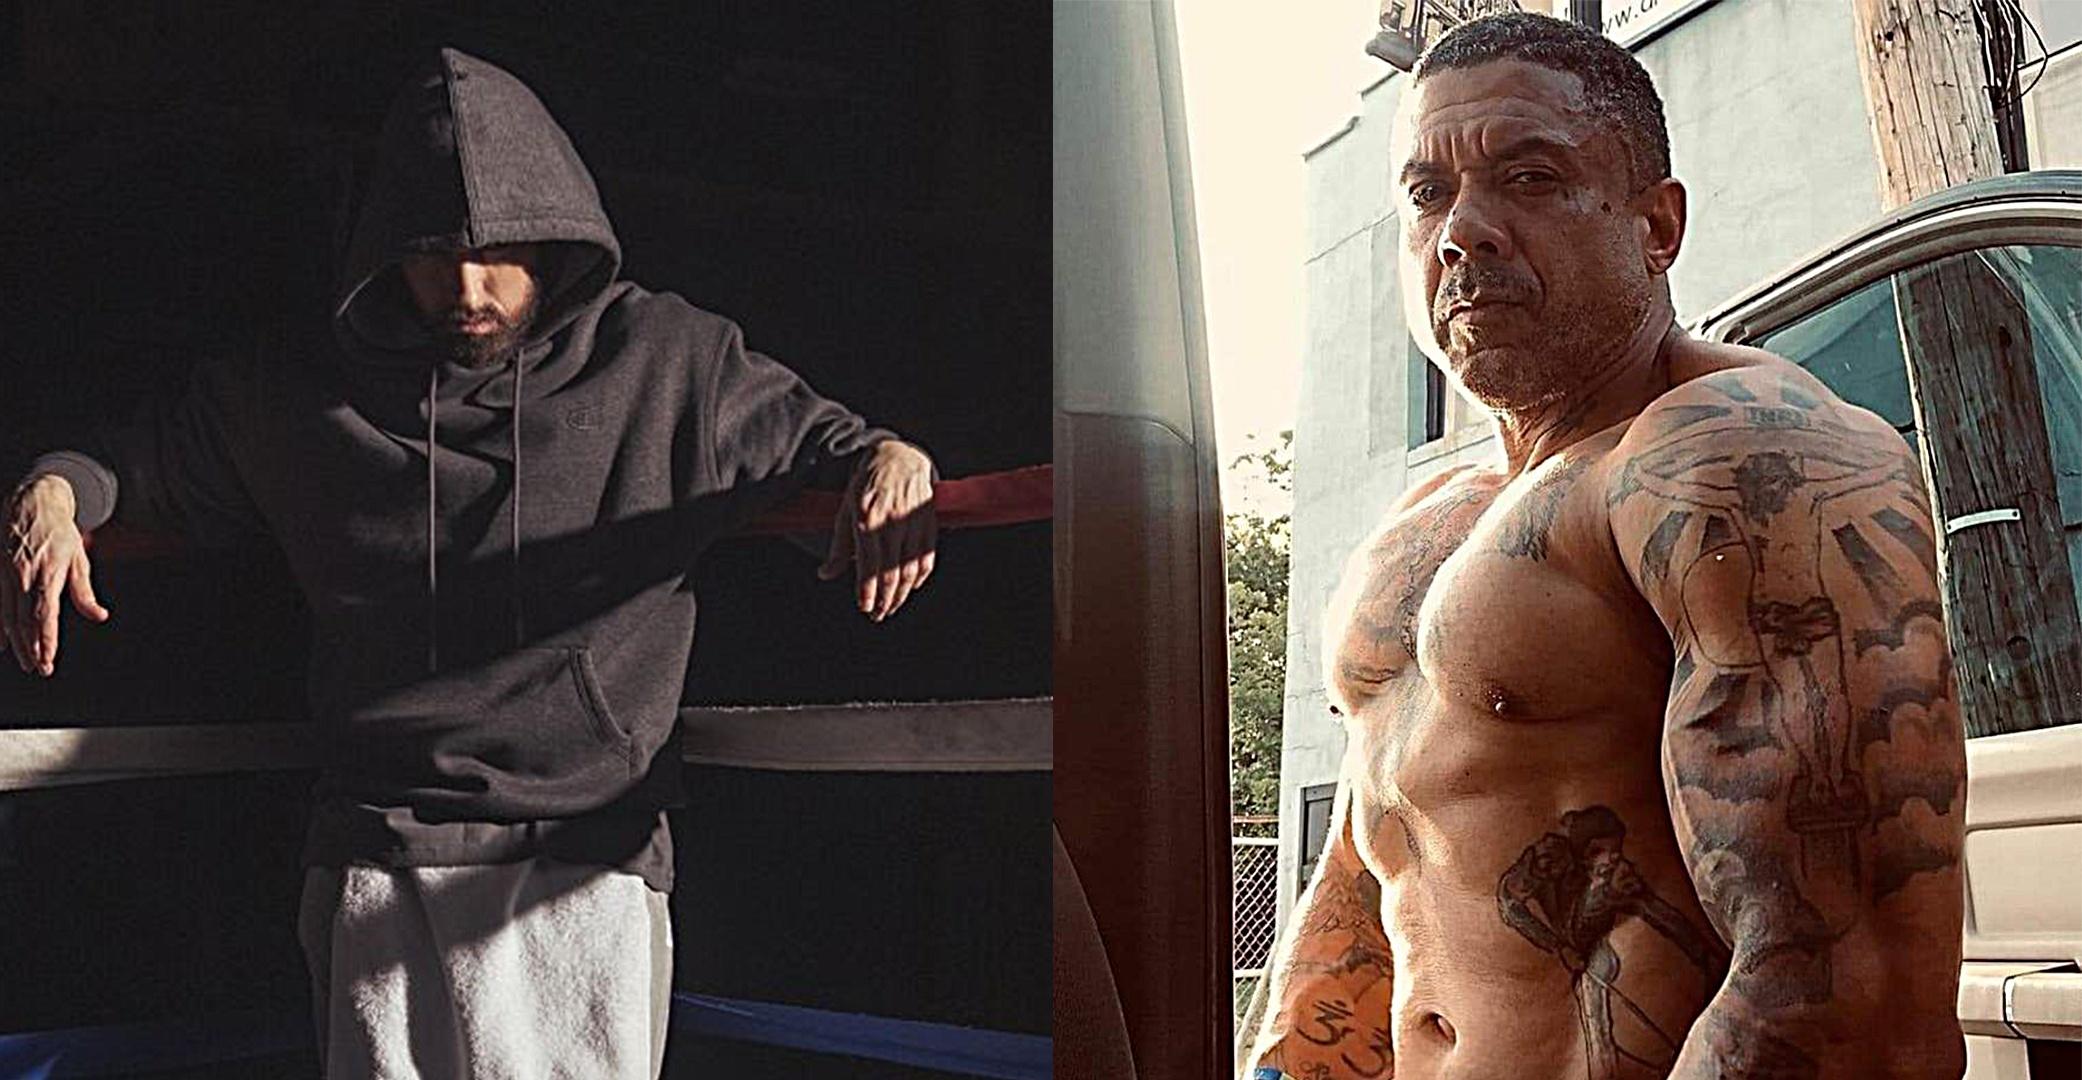 benzino-eminem-boxing